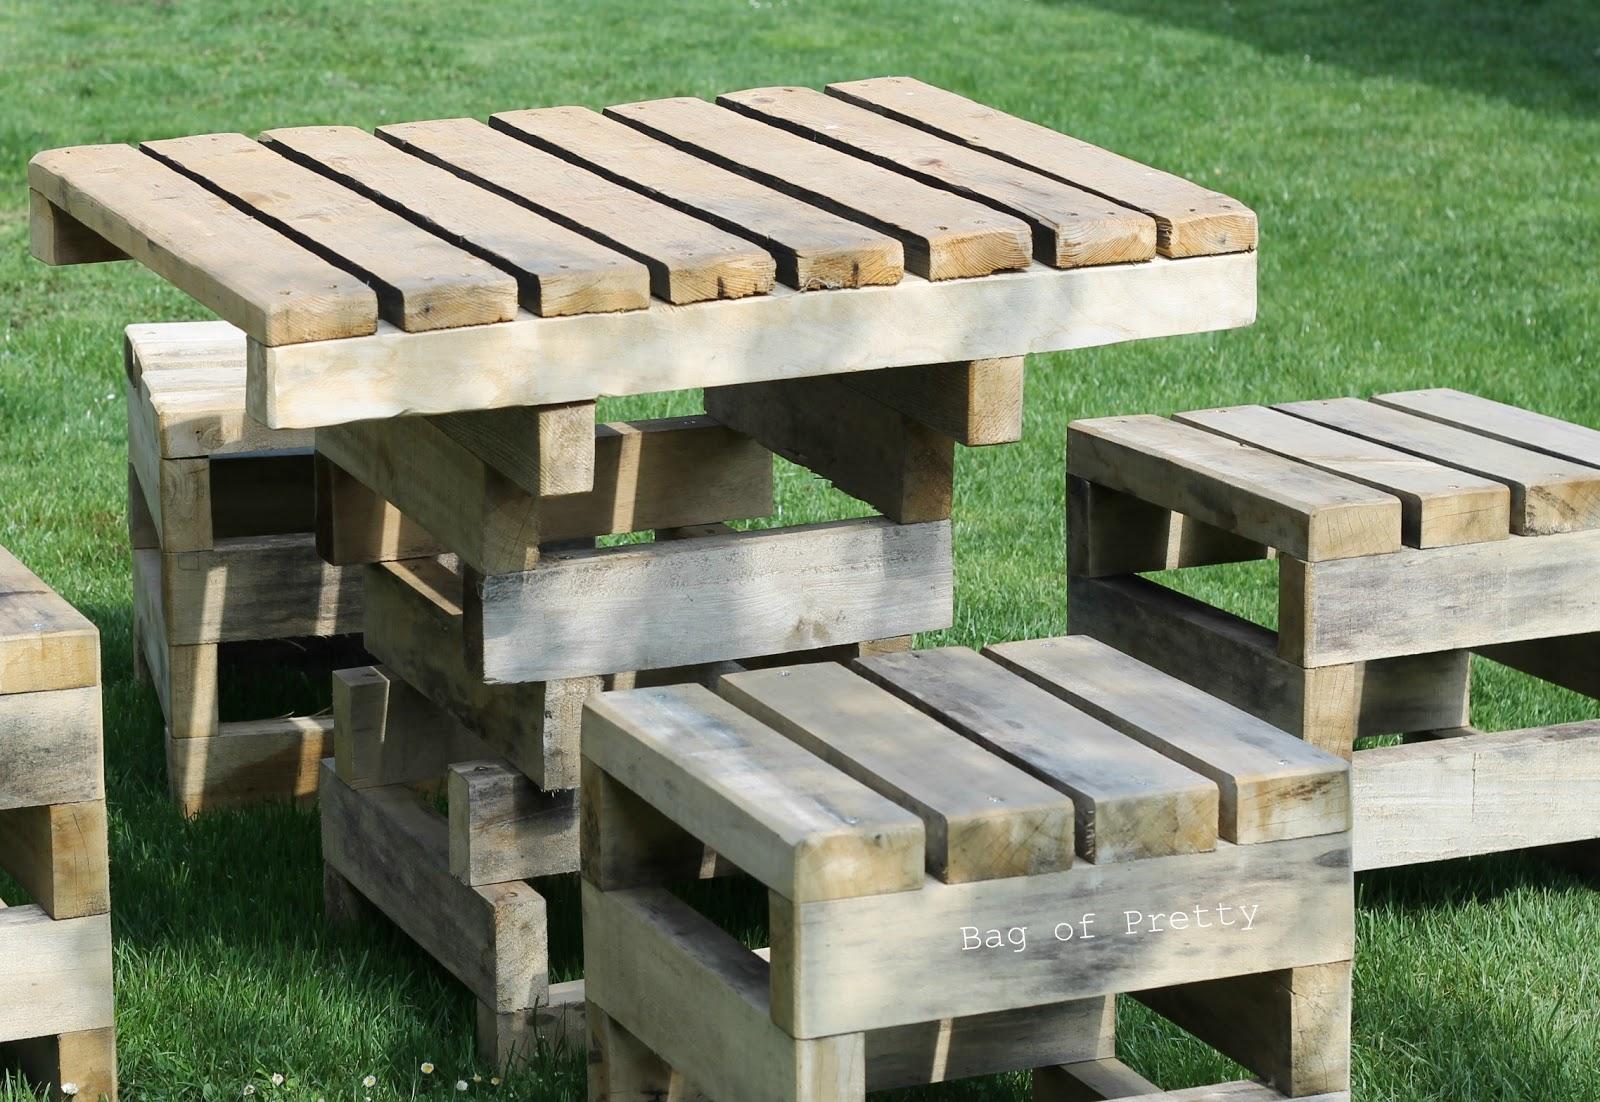 bag of pretty surprise surprise pallet garden furniture. Black Bedroom Furniture Sets. Home Design Ideas